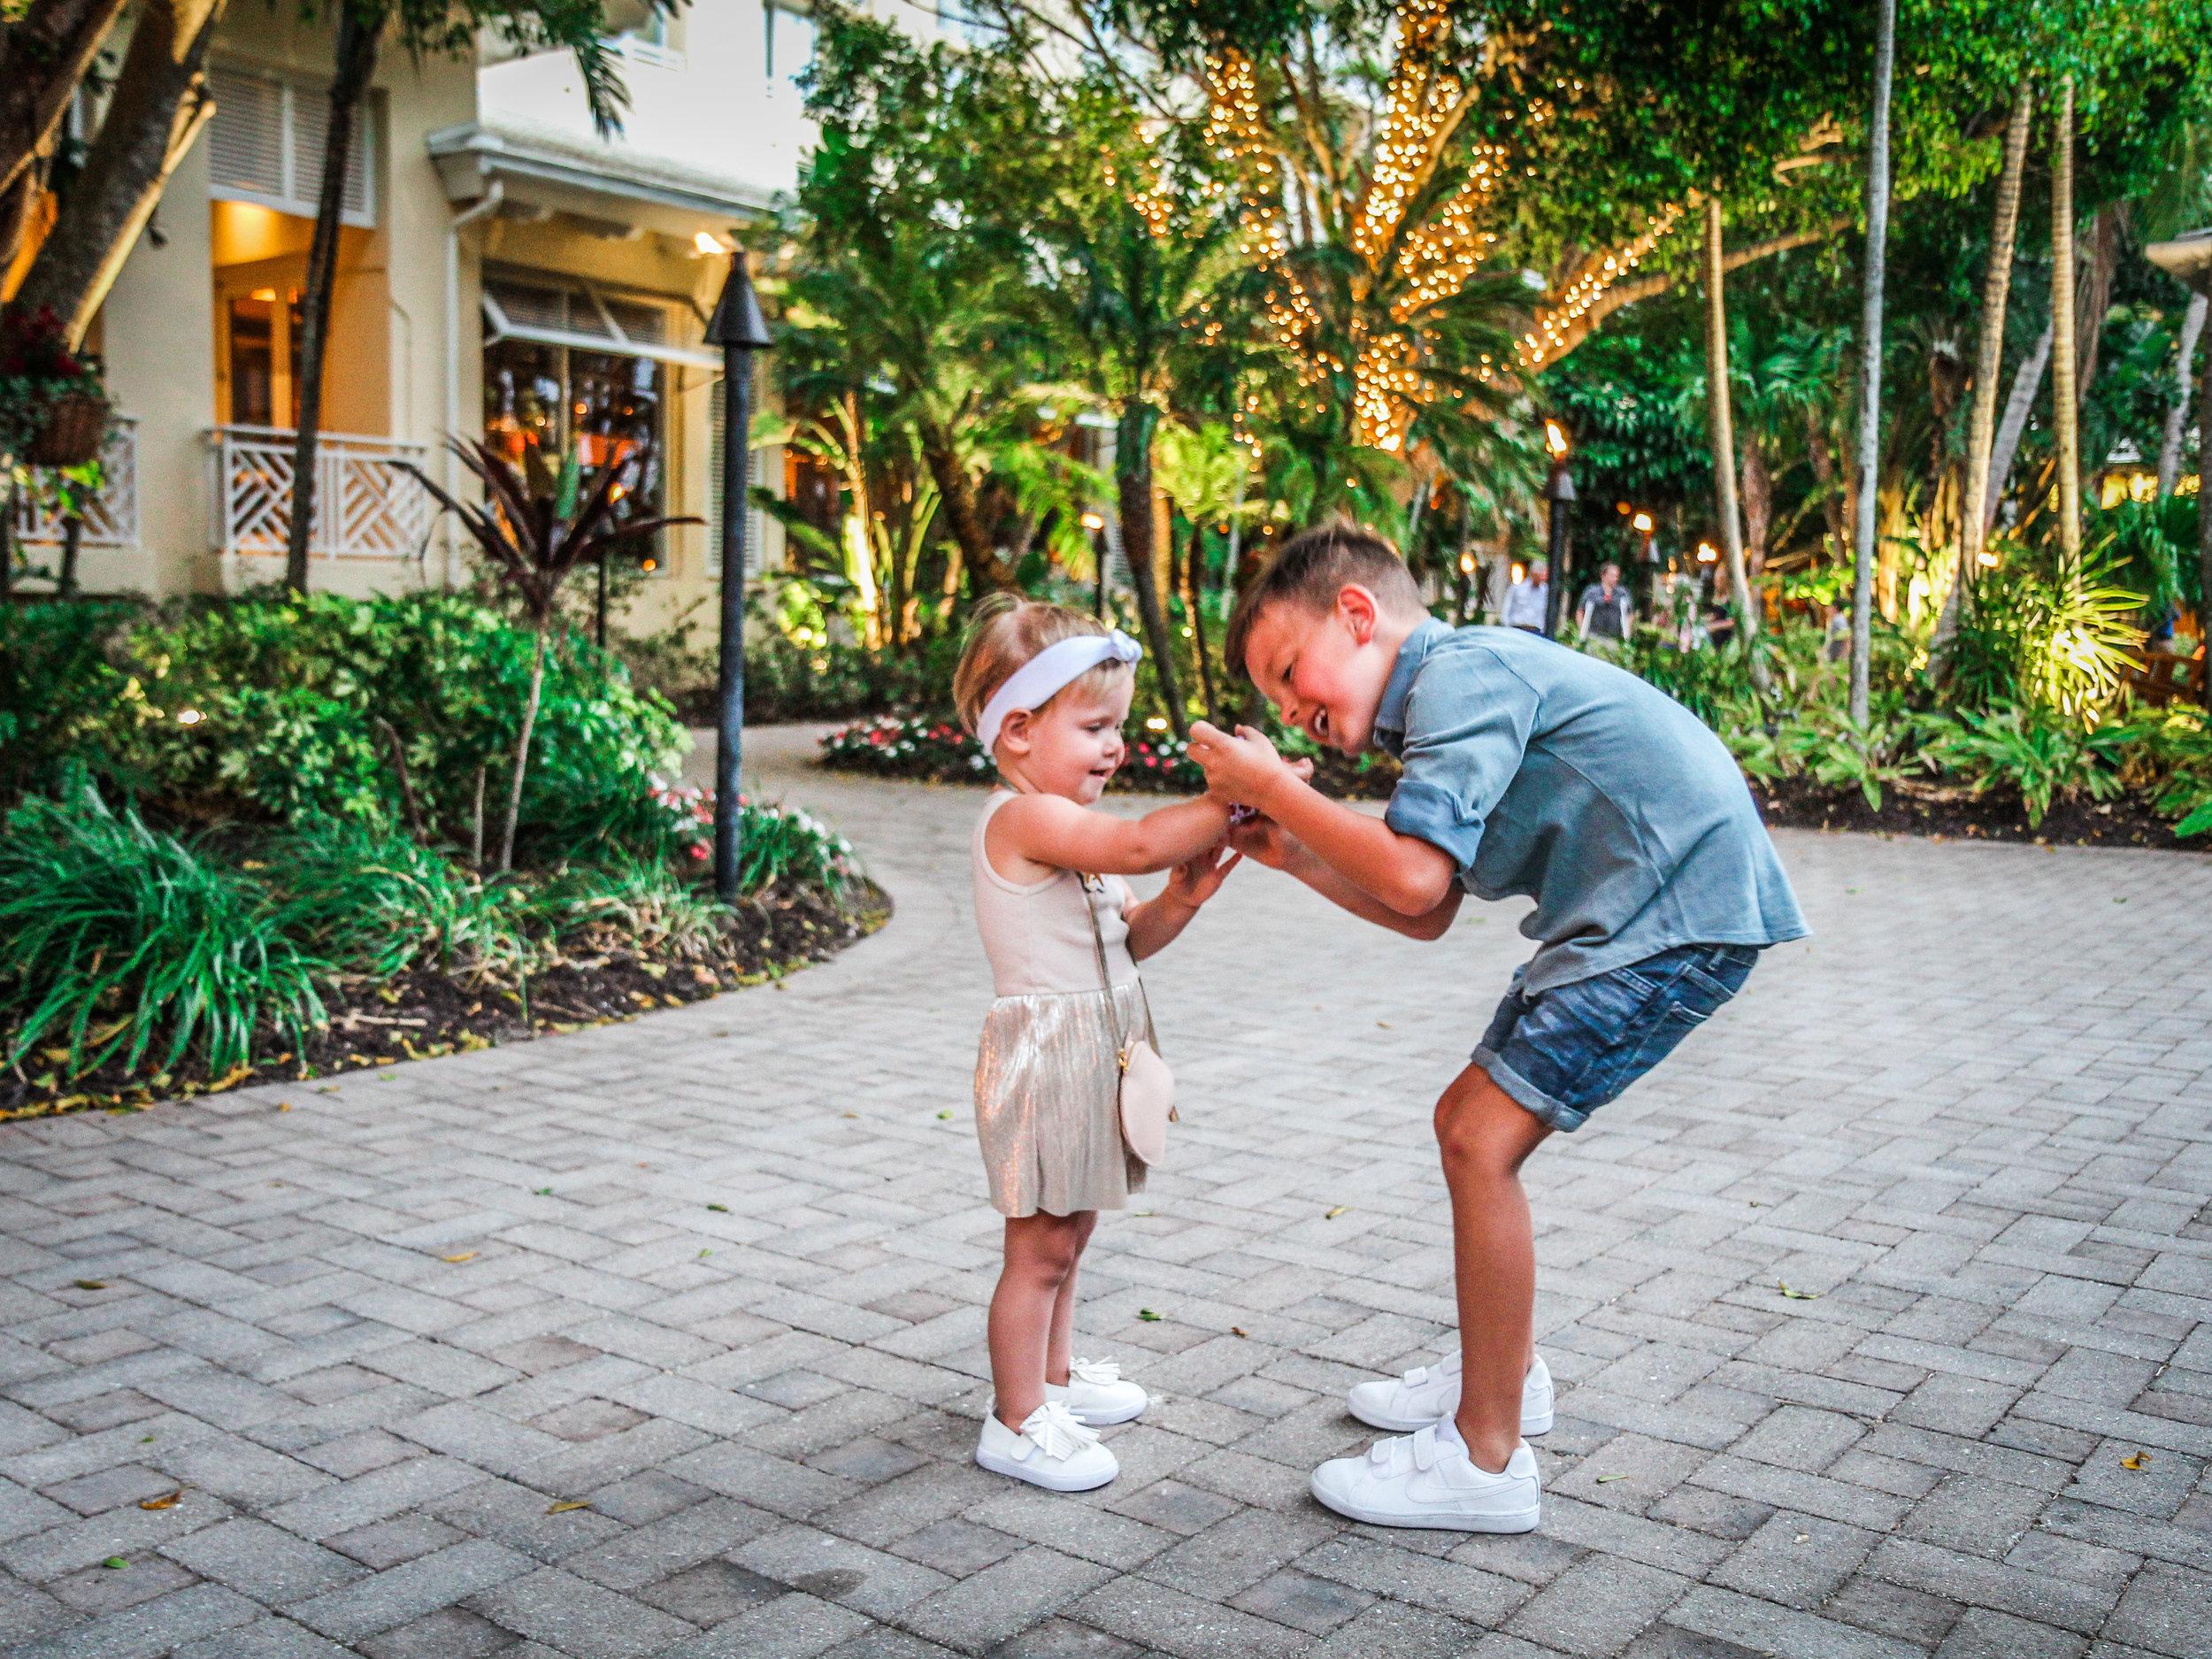 Florida_reizen_met_kinderen_Hyatt_regency_Coconut_point-22.jpg